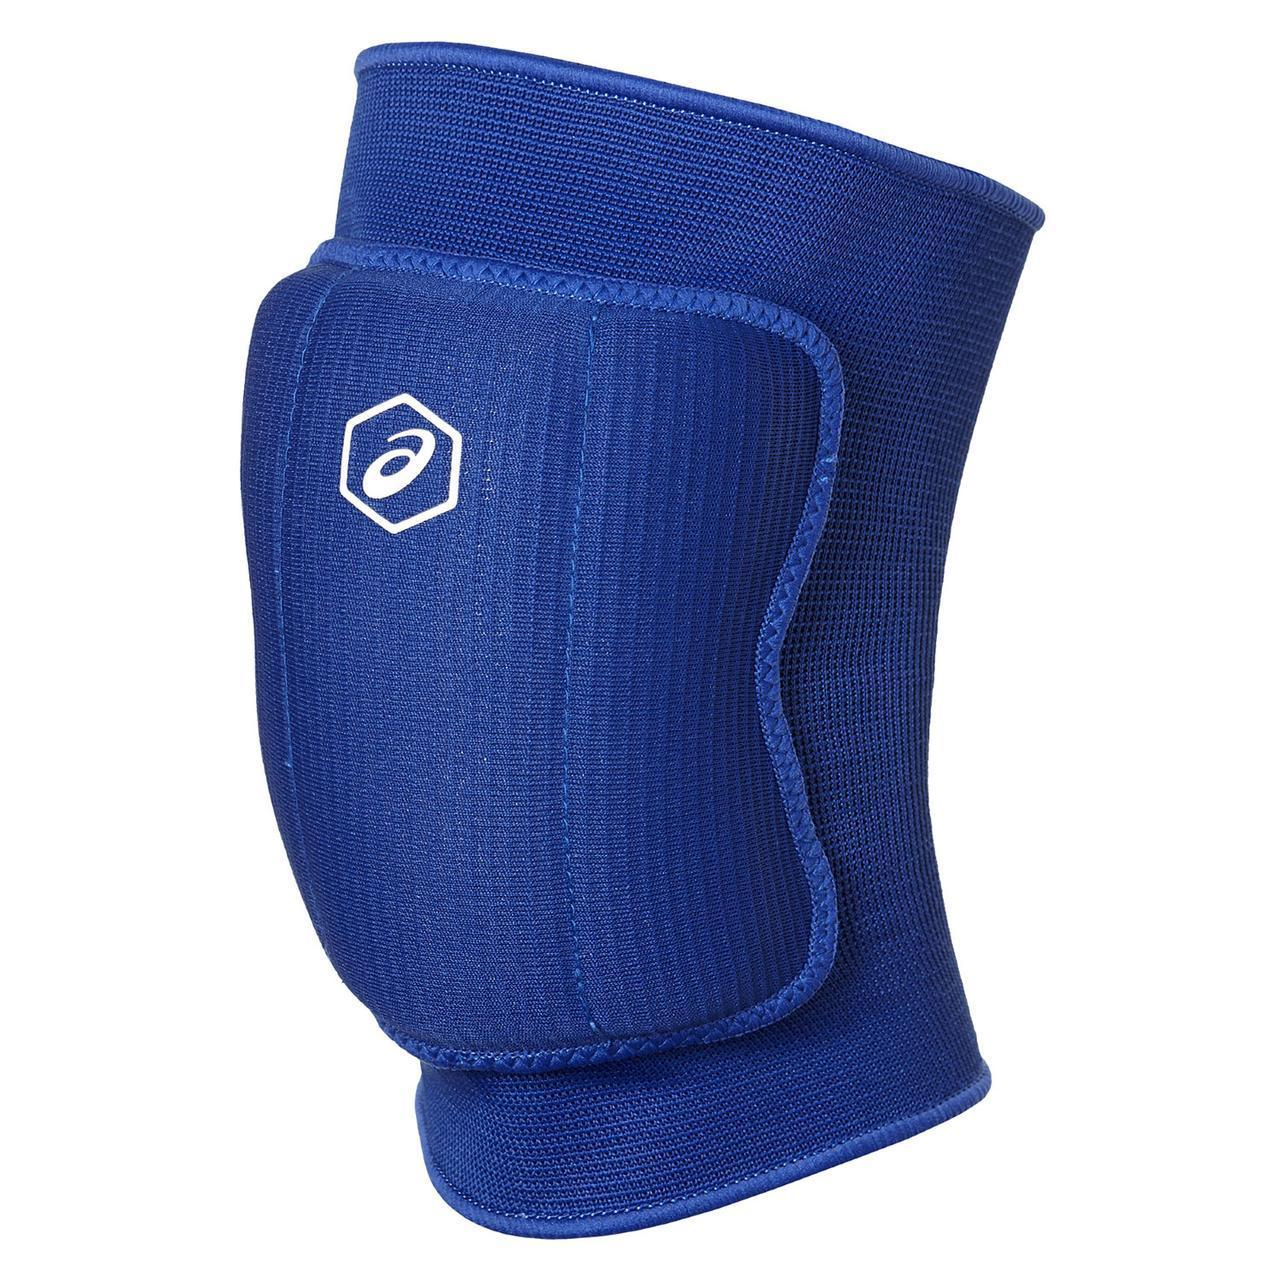 Наколенники волейбольние Asics Basic Kneepad 146814-0805 Синый Размер L (8718837132475)